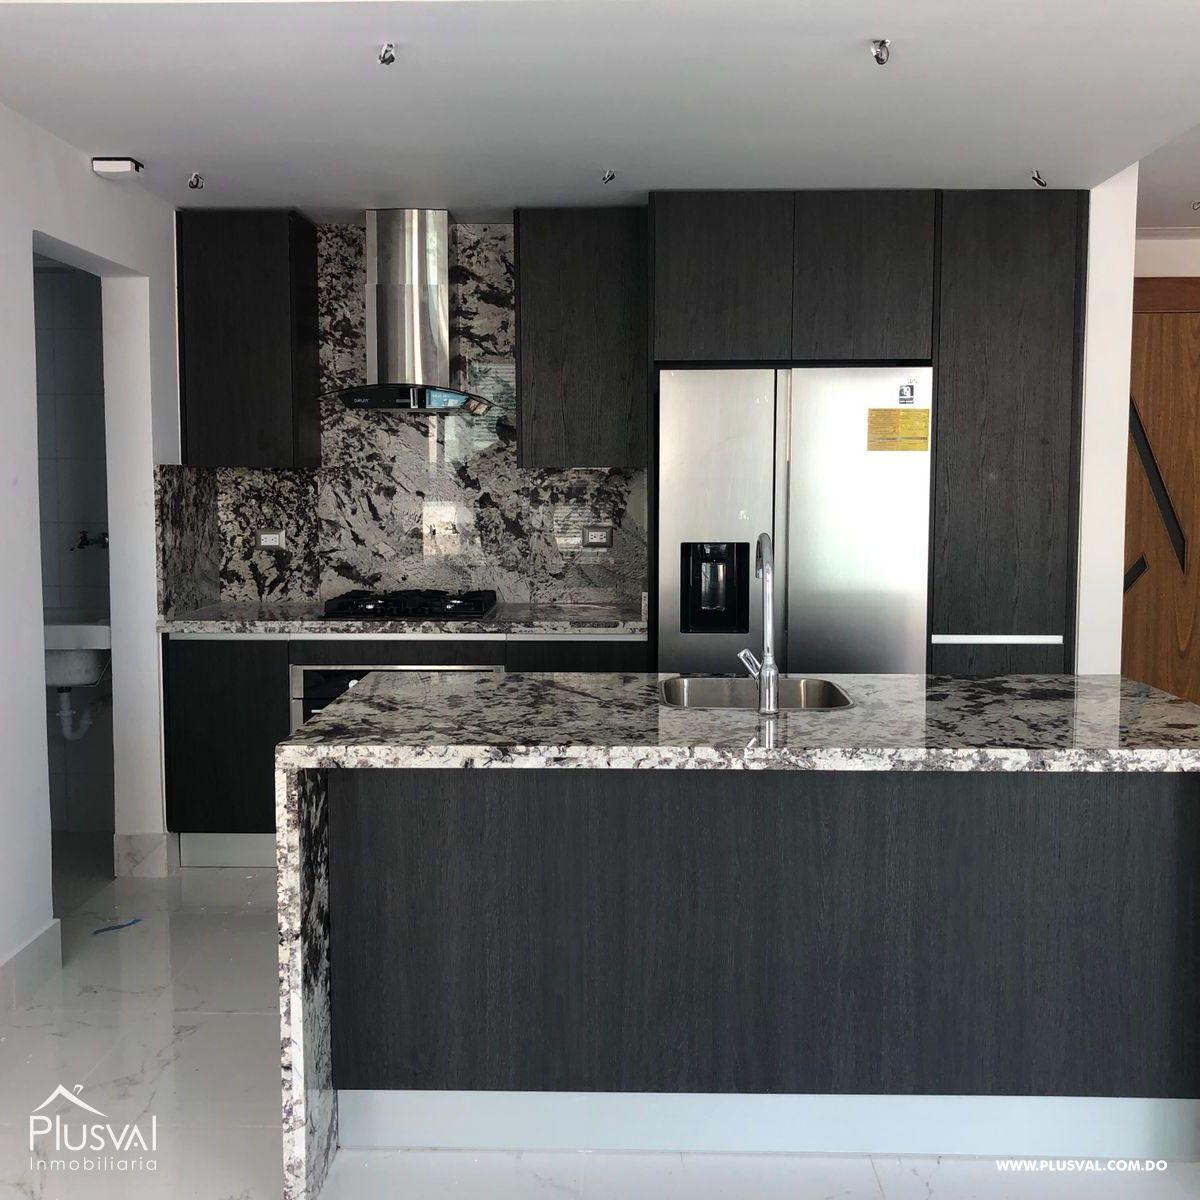 Apartamento en alquiler con linea blanca en Piantini 184903